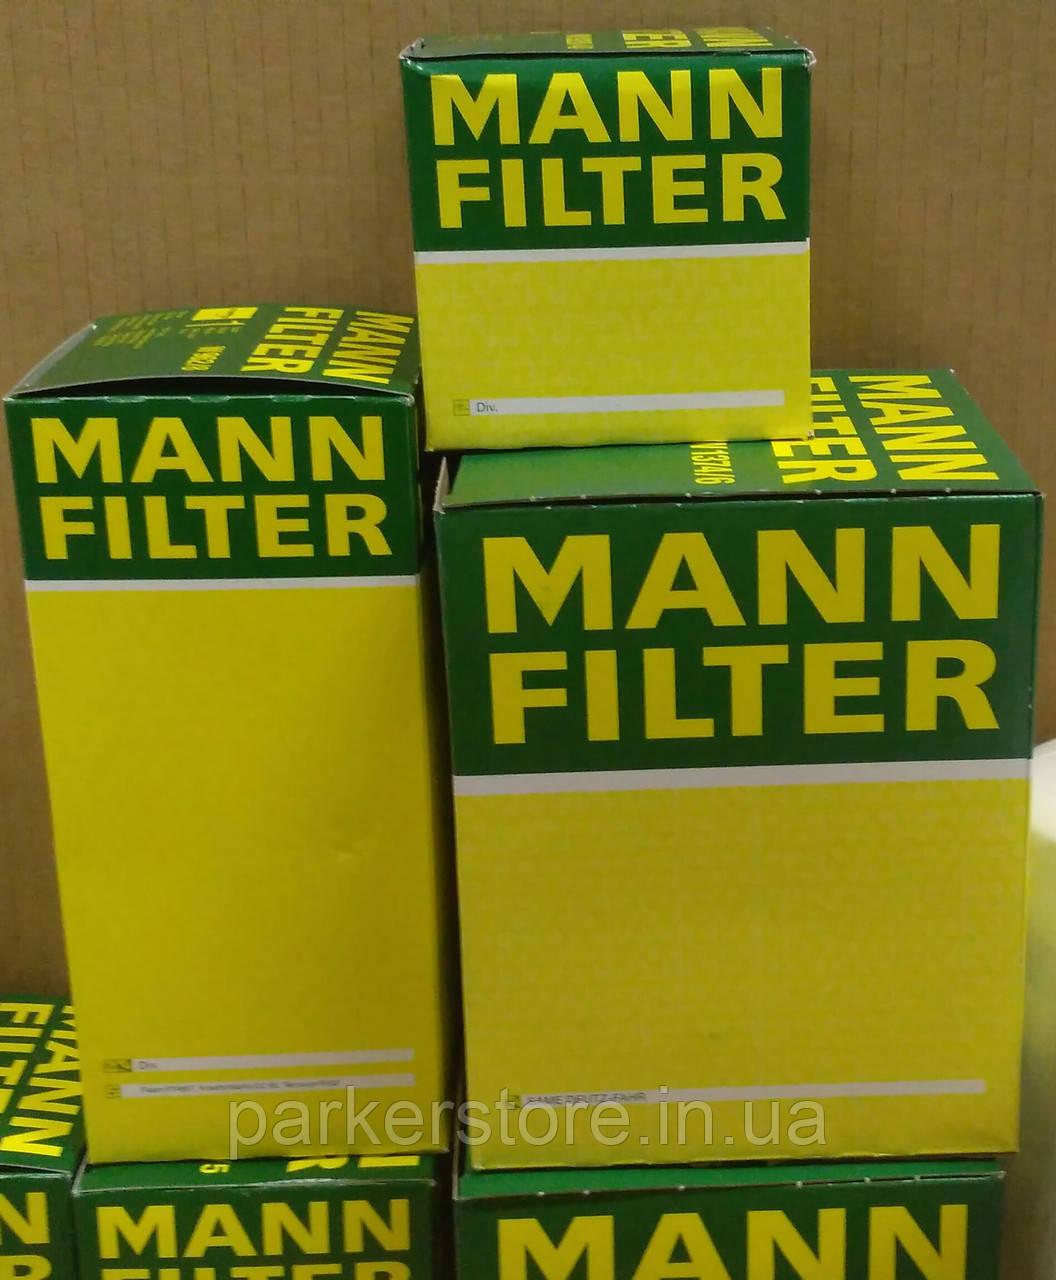 MANN FILTER / Воздушный фильтр / C 28 145 / C28145